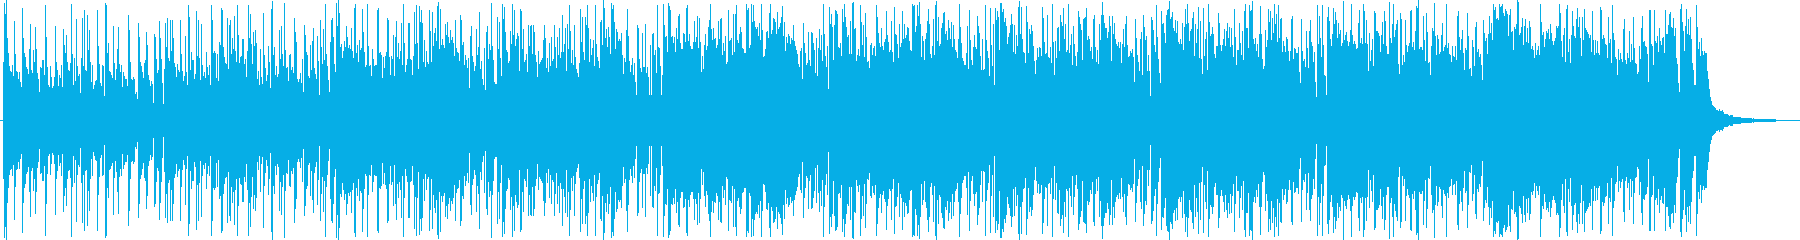 パーカッションのリズムが軽快な曲の再生済みの波形